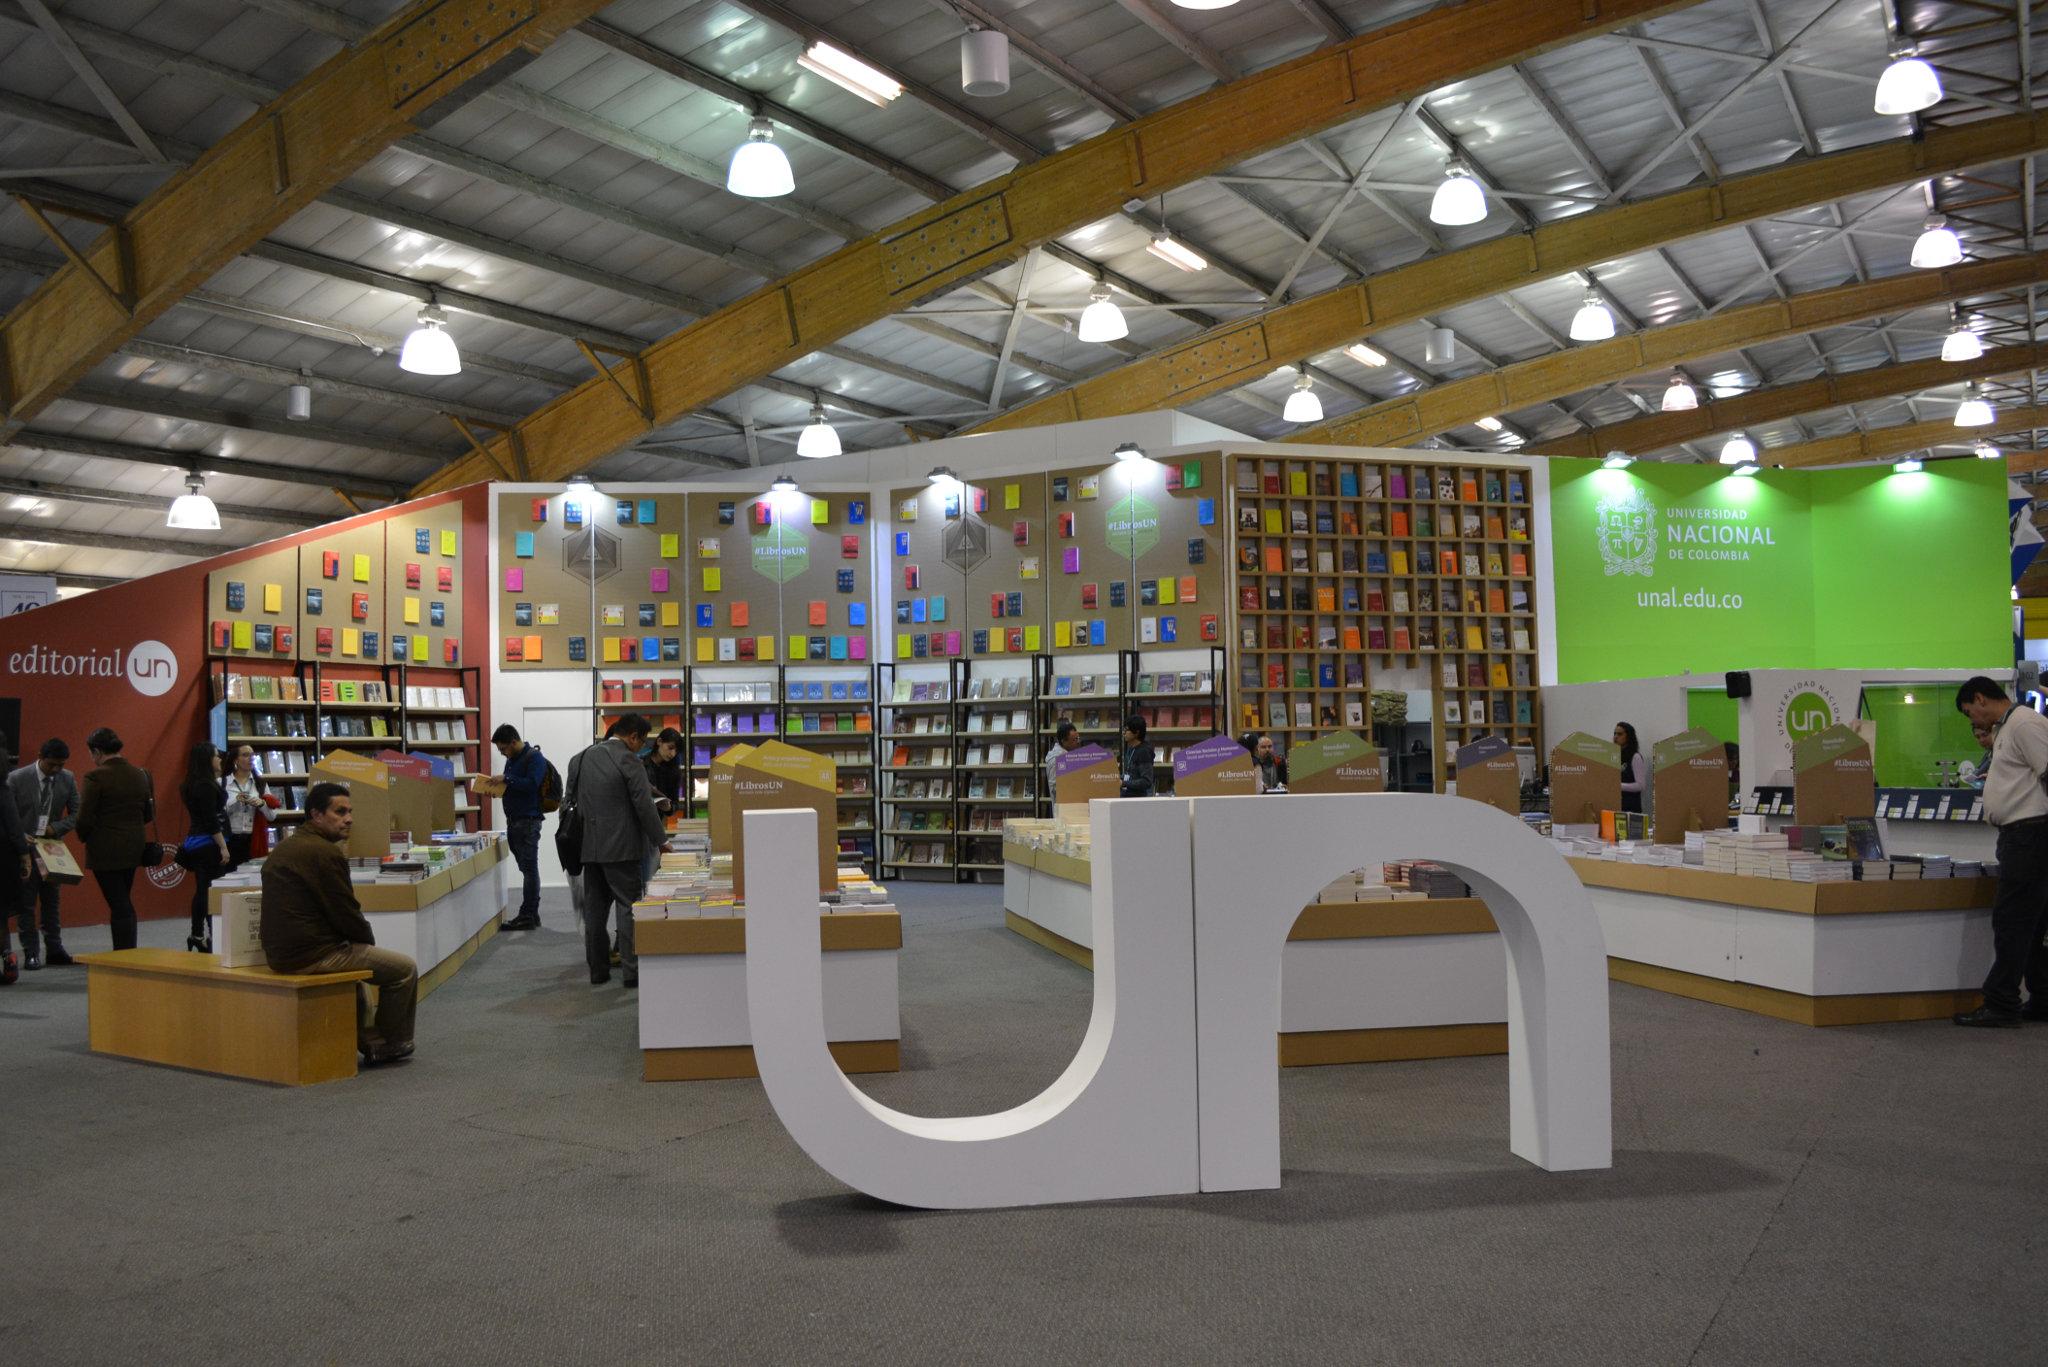 La editorial upr tienda boreales gran venta de libros la editorial bit 225 cora del webmaster - Libreria universitaria madrid ...